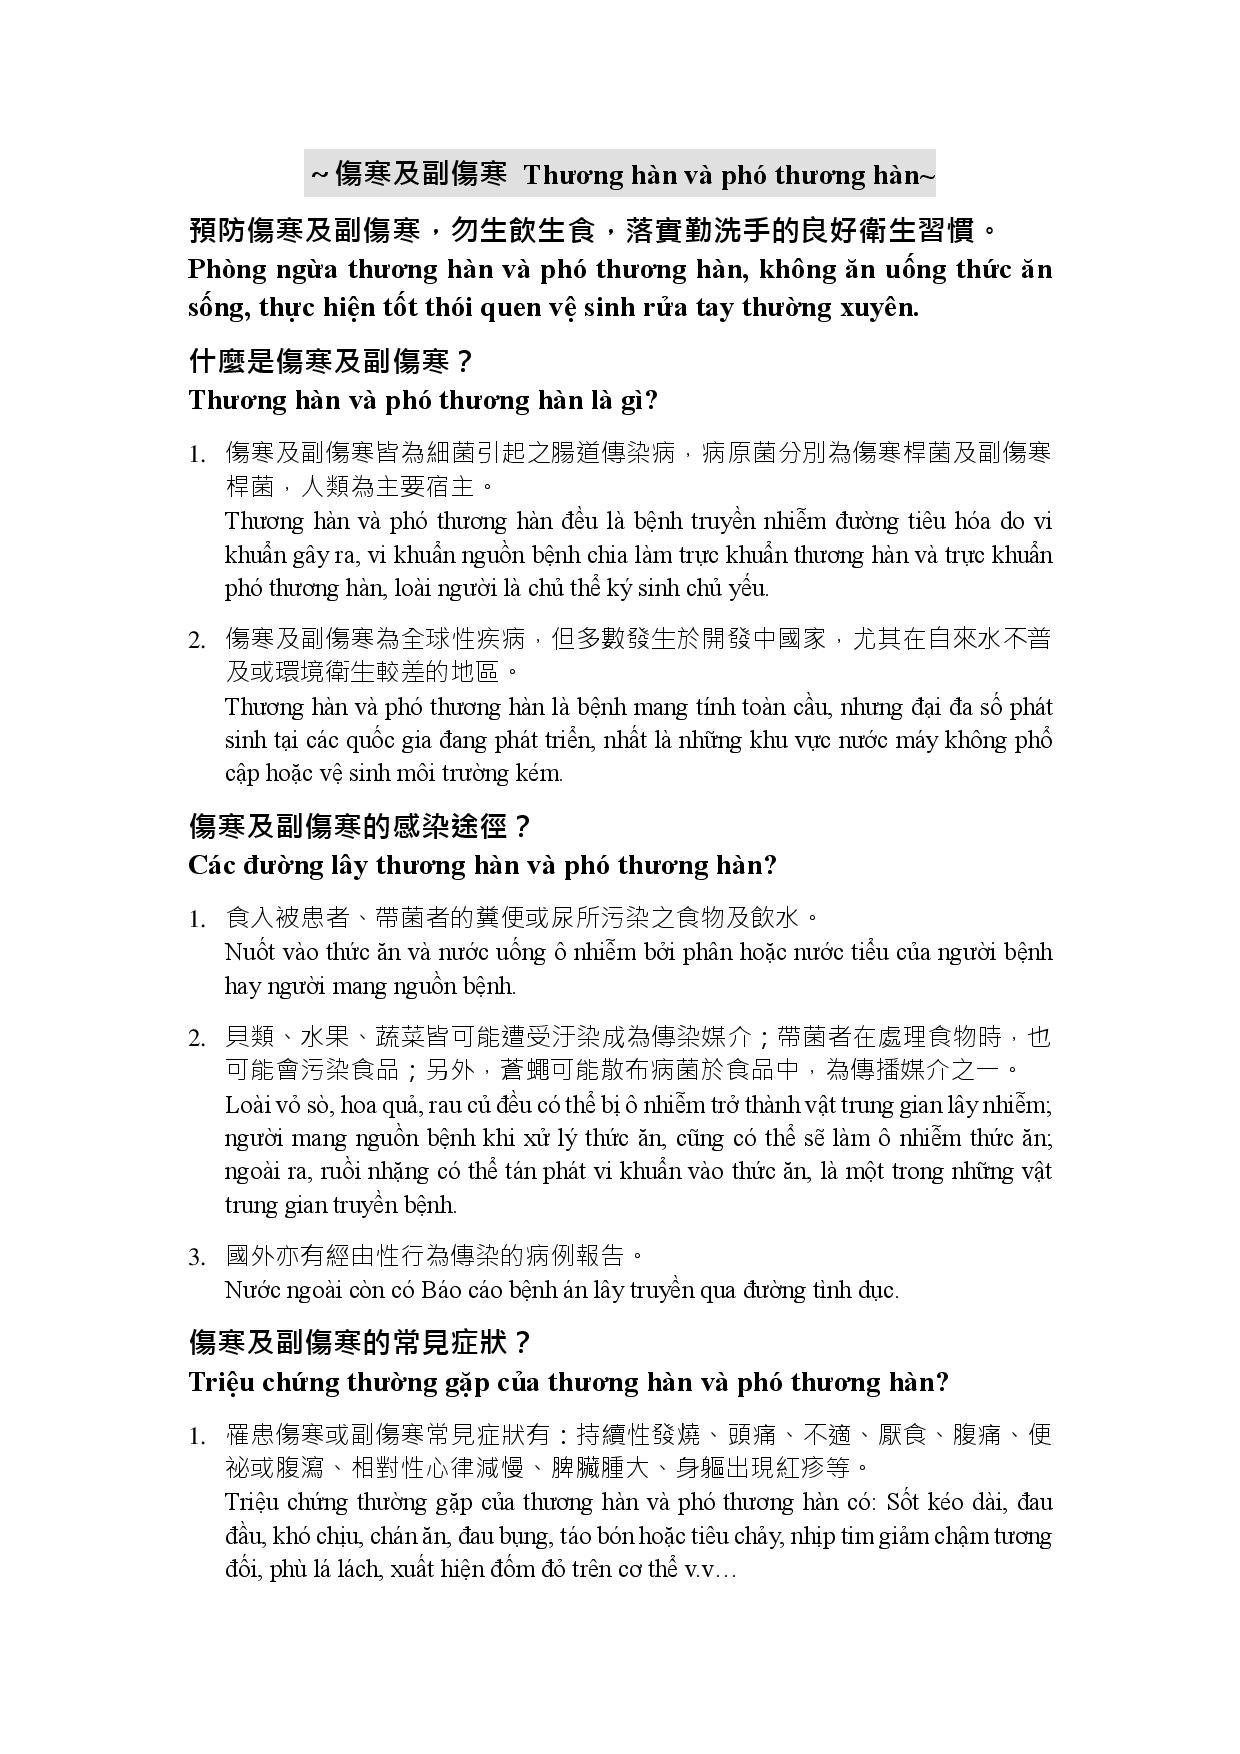 詳如附件【nhấp vào đây】Phòng ngừa thương hàn và phó thương hàn(Trang 1)預防傷寒及副傷寒(越文)